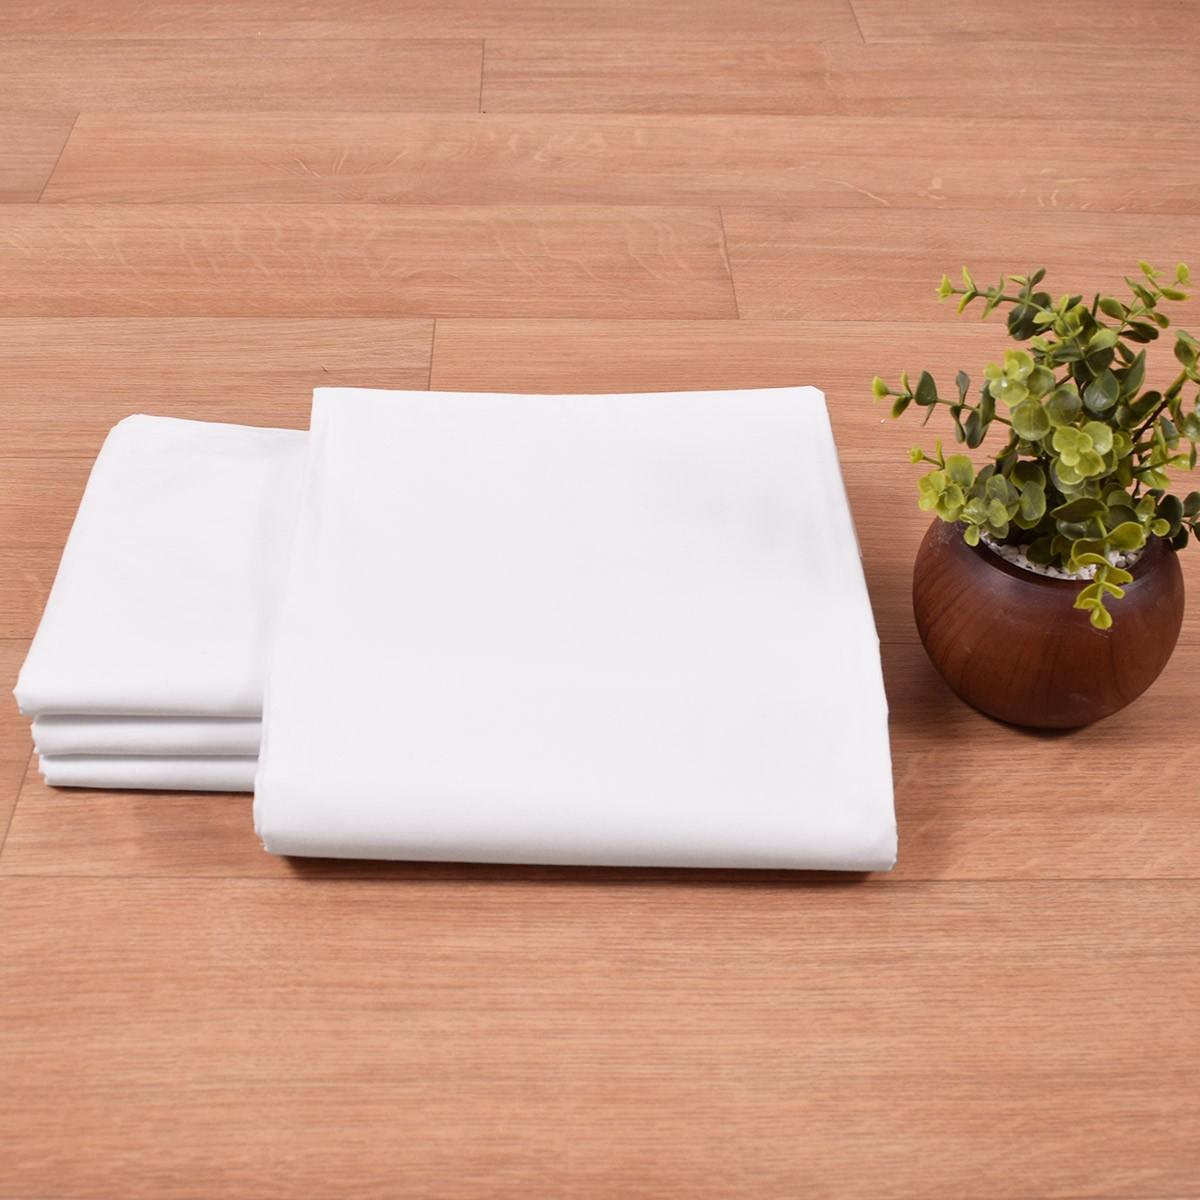 Σεντόνι (190x295) 50%Βαμβάκι 50%Polyester T200 home   επαγγελματικός εξοπλισμός   ξενοδοχειακός εξοπλισμός   σεντόνια ξενοδοχεί